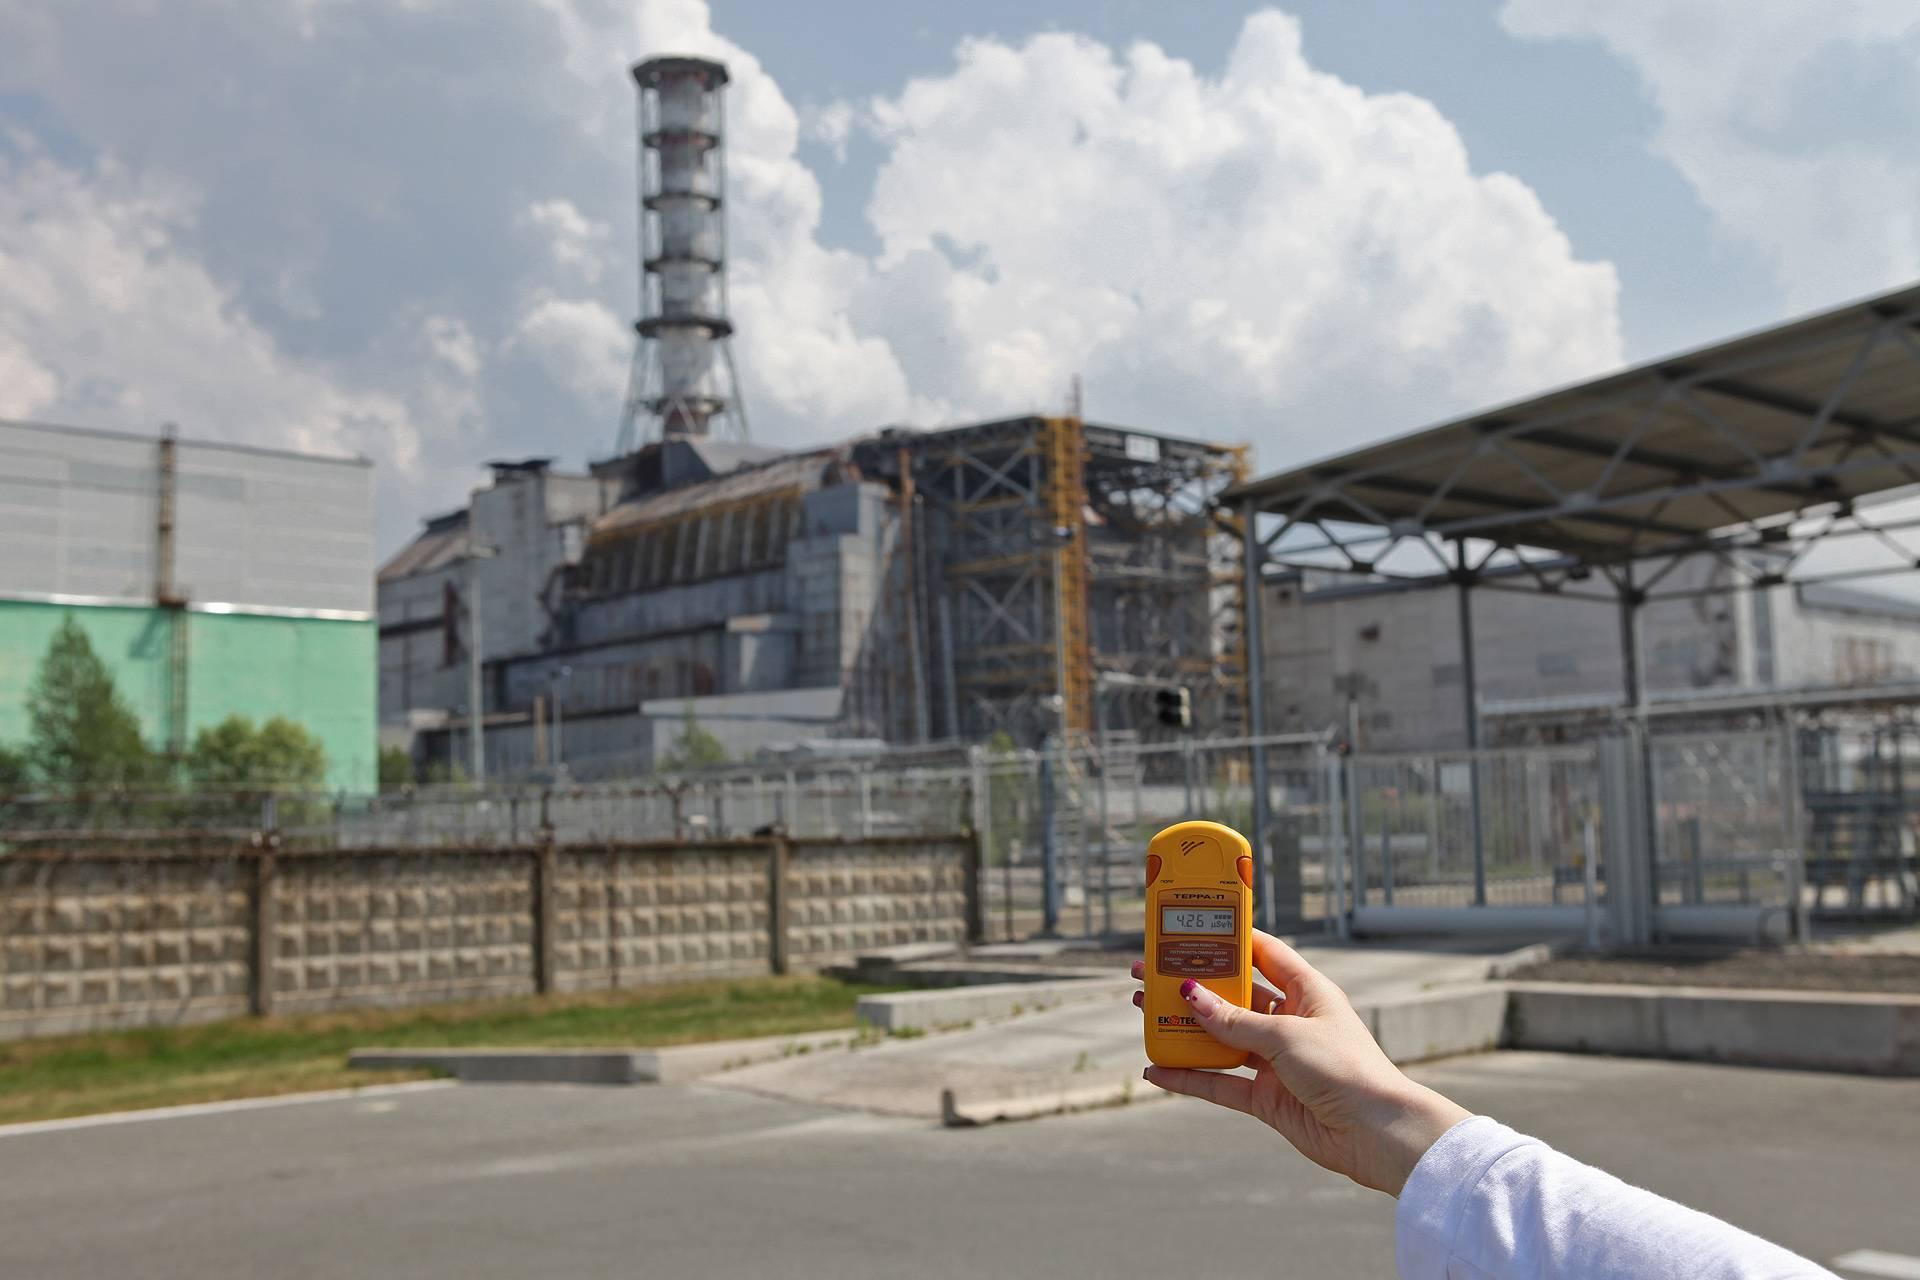 Sujeto investiga la ciudad de Chernobyl y se encuentra con abuela viviendo en el lugar